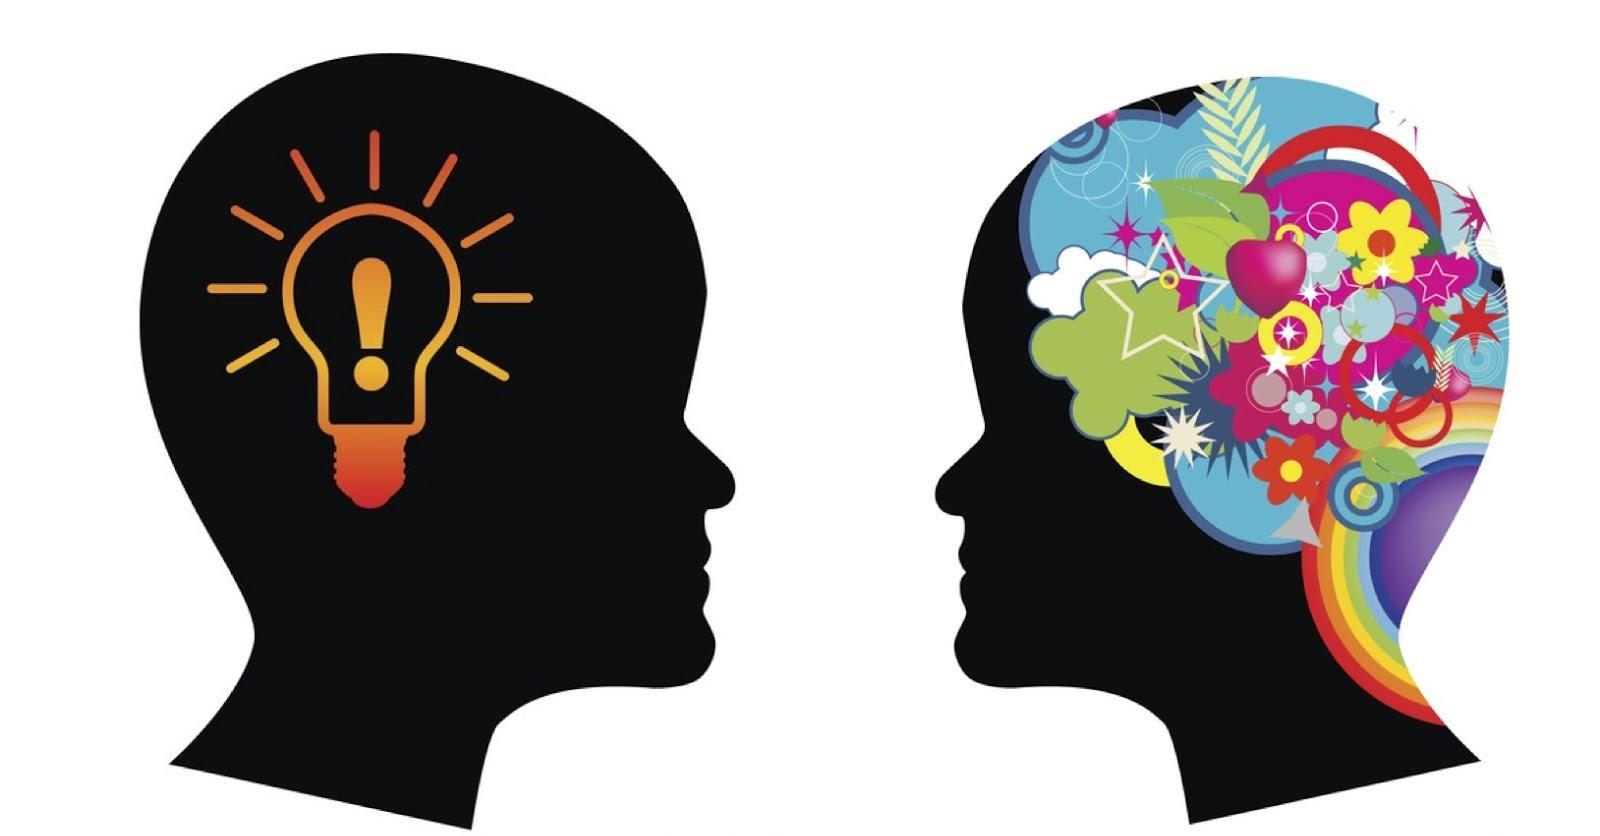 Para ser bom em resolver problemas, é preciso mais do que inteligência